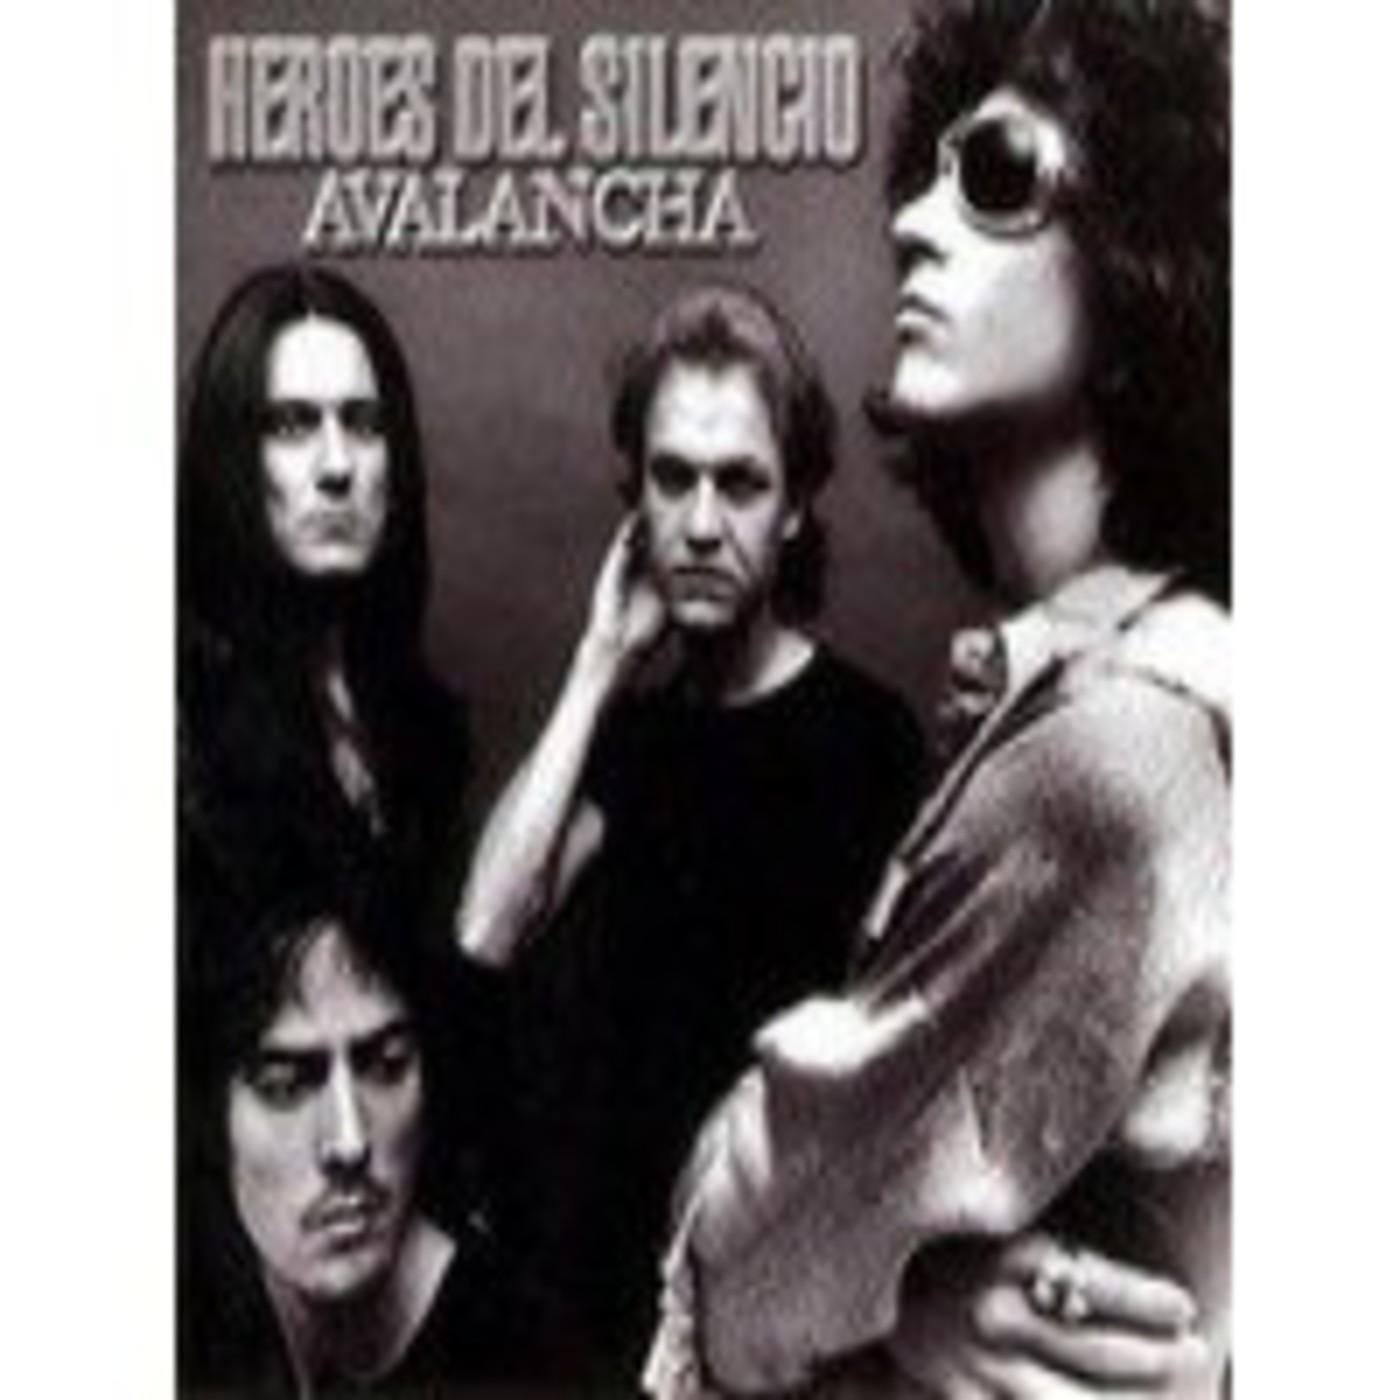 Héroes Del Silencio Dias De Borrasca Víspera De Resplandores 1995 En Héroes Del Silencio Discografia Completa En Mp3 18 04 A Las 05 15 50 06 25 1961370 Ivoox